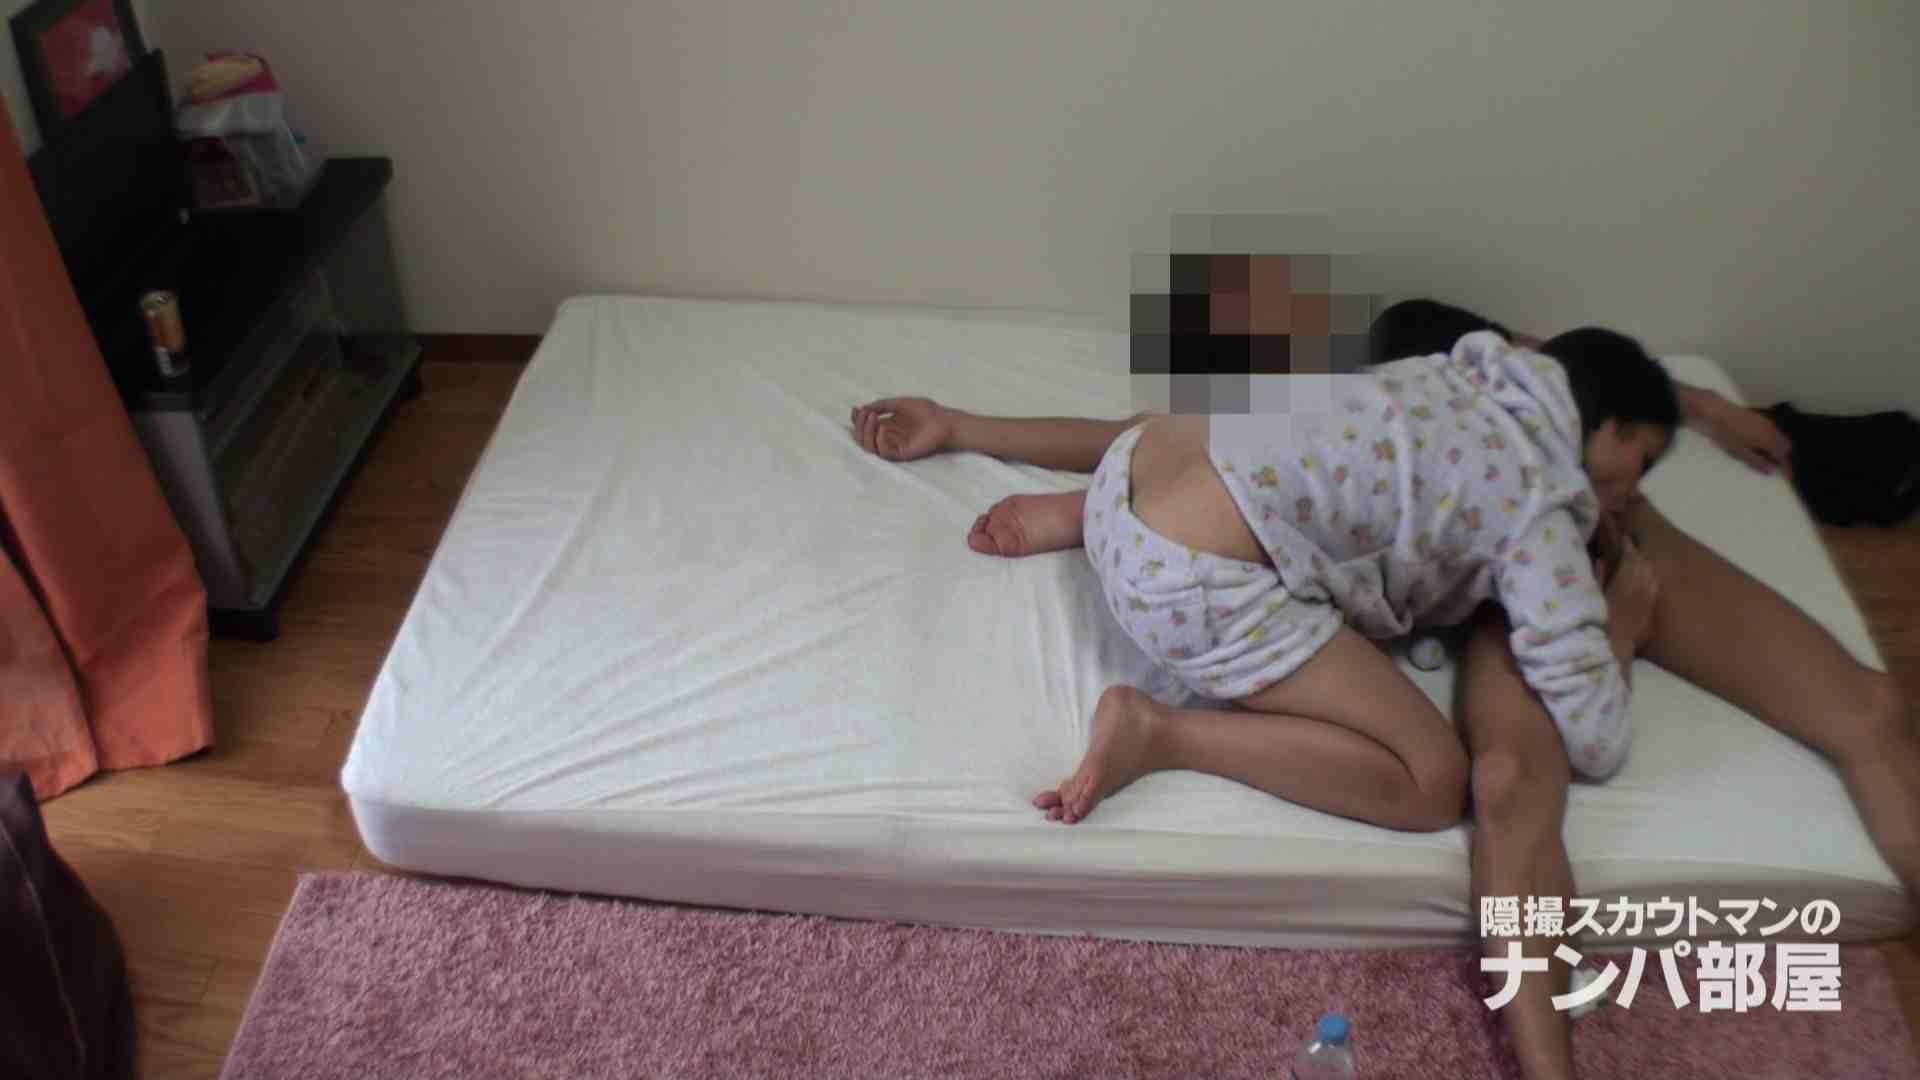 隠撮スカウトマンのナンパ部屋~風俗デビュー前のつまみ食い~hanavol.3 エッチなOL セックス画像 111pic 92